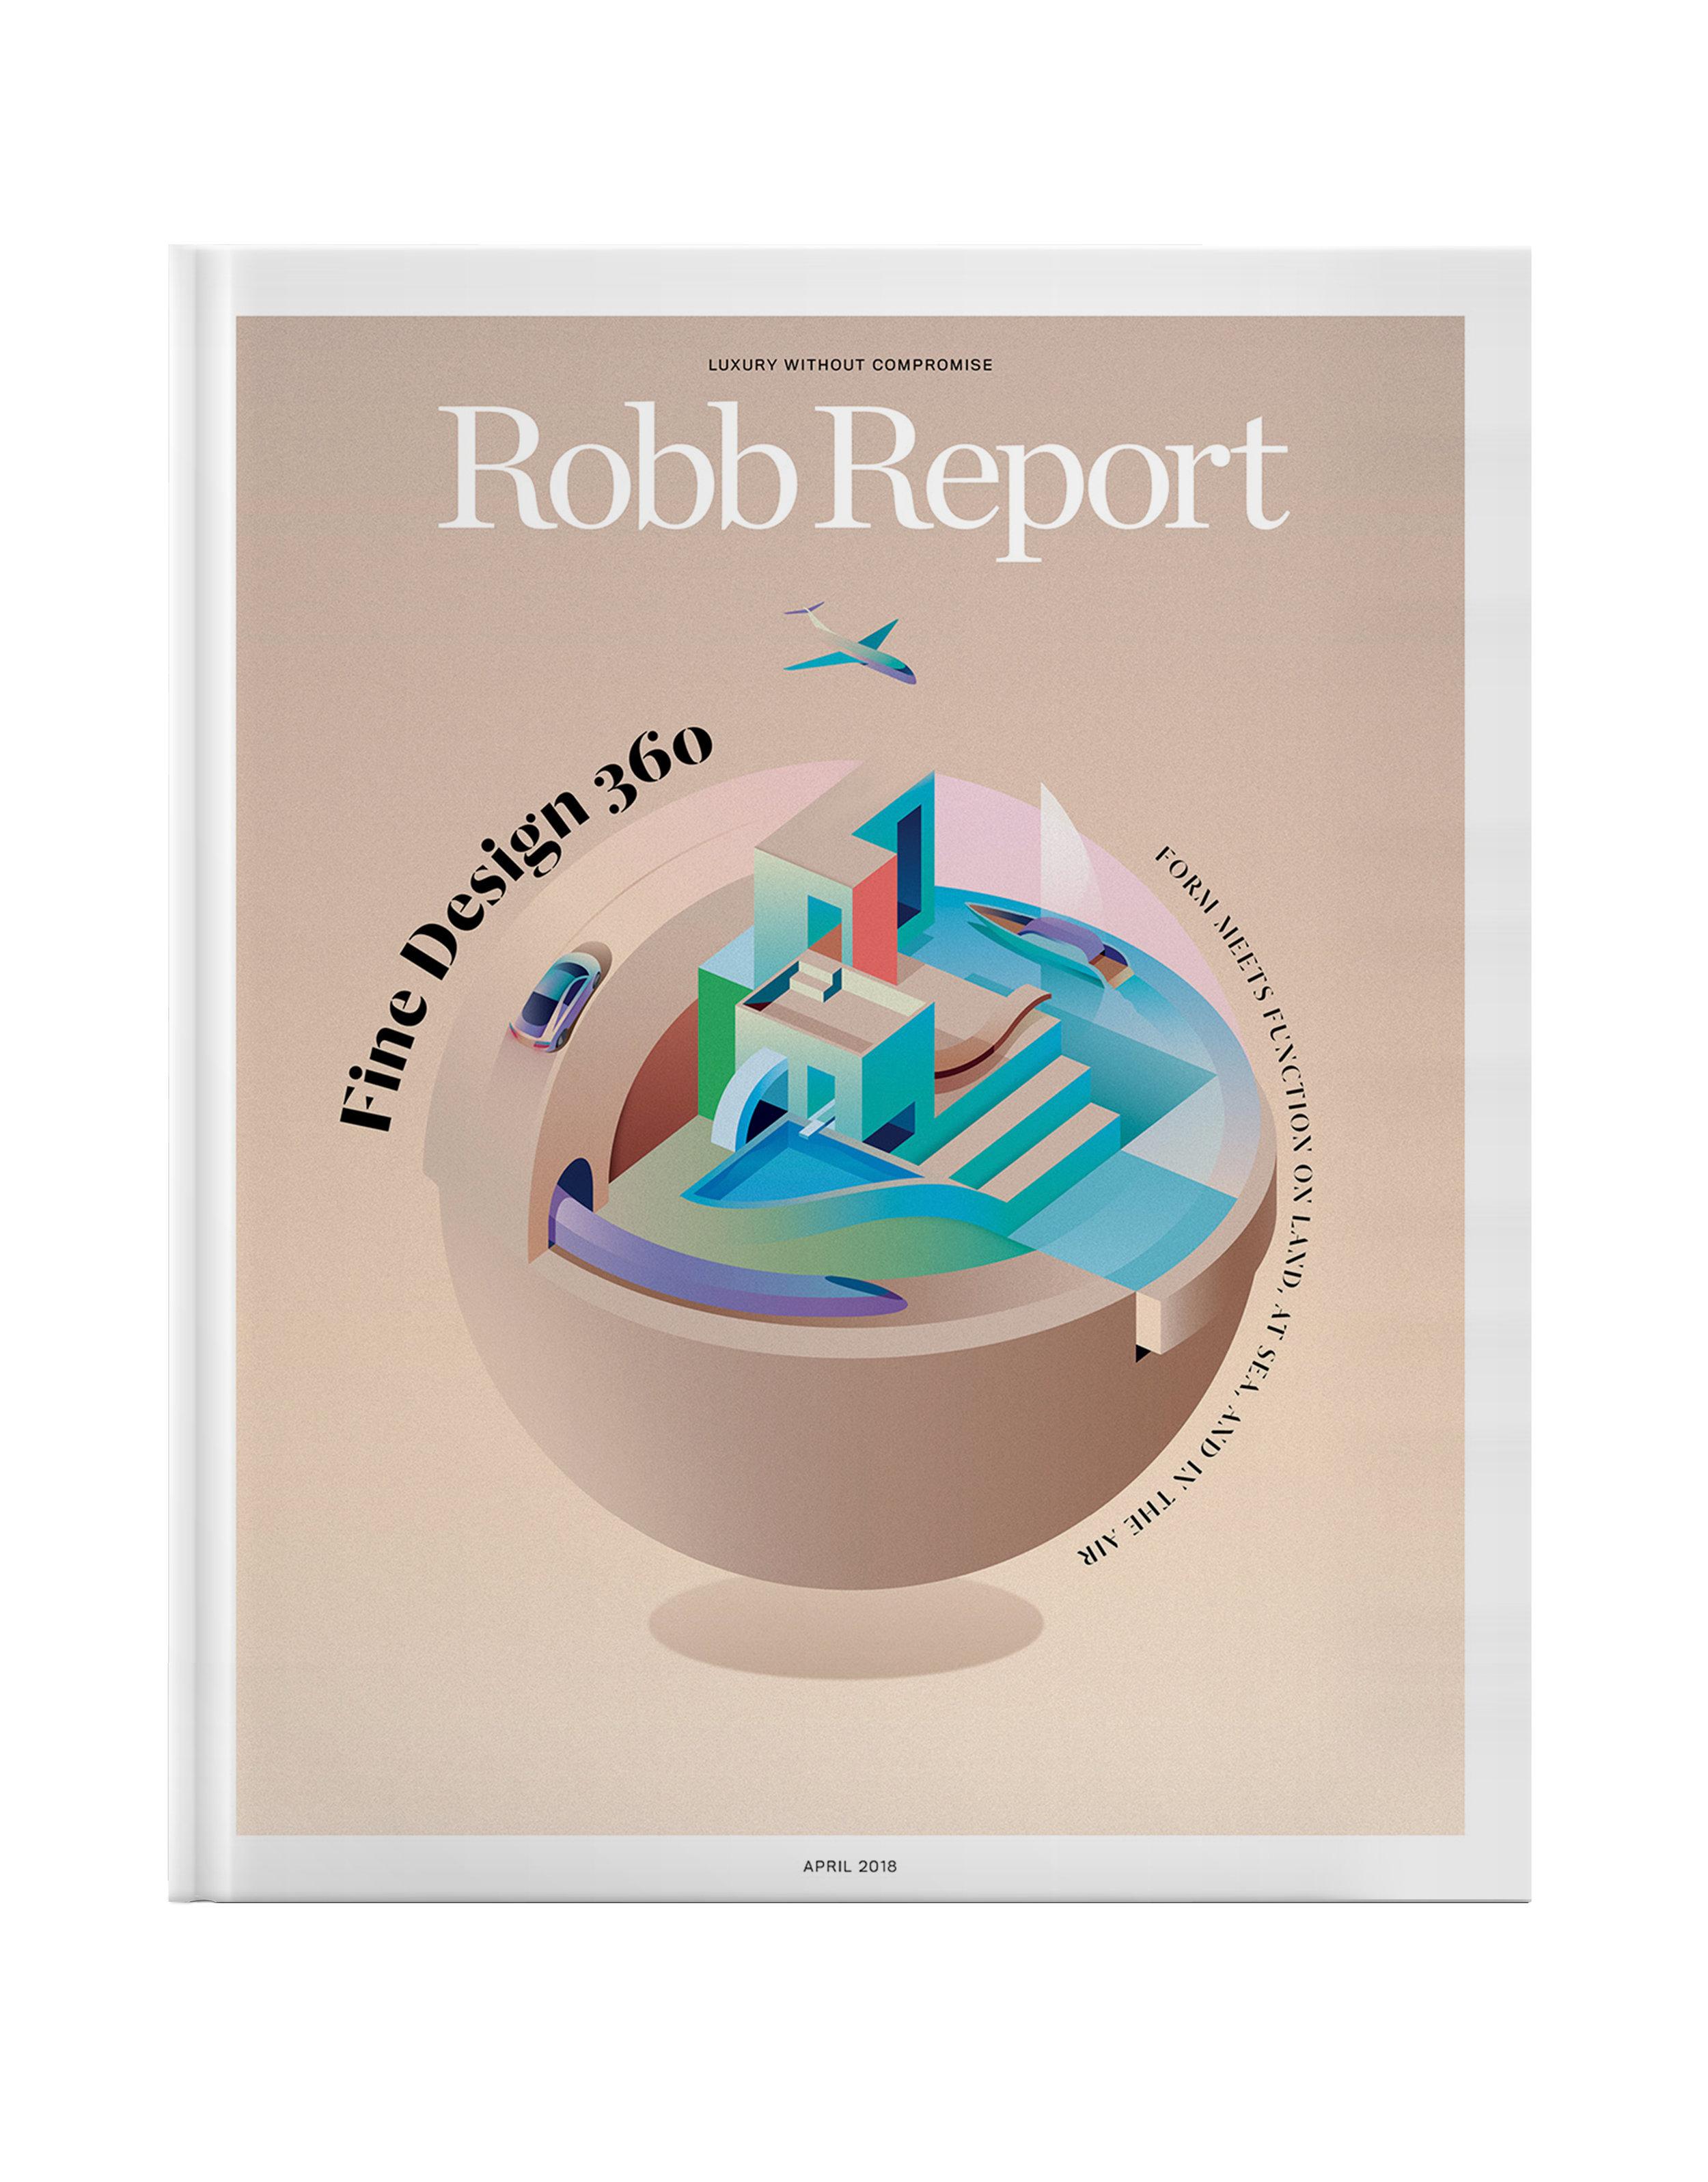 rob2.jpg